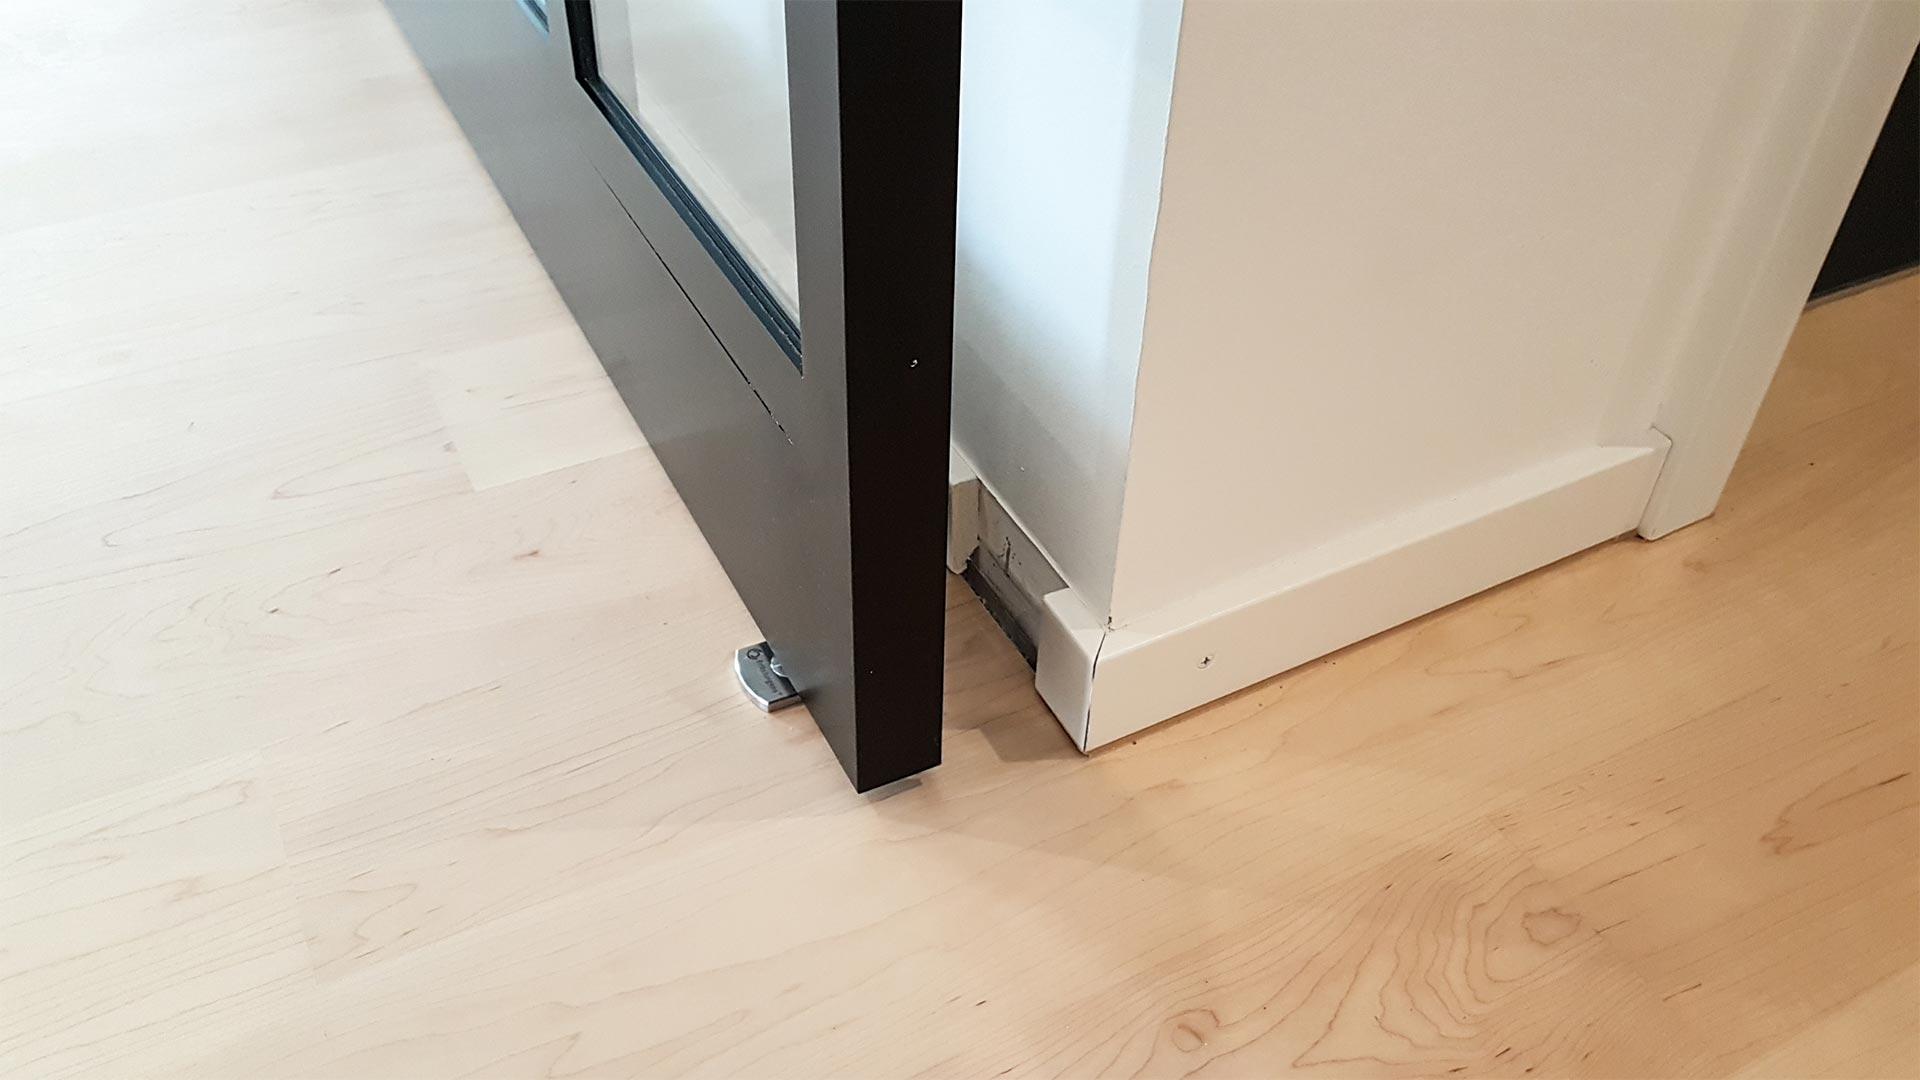 Das Türband am Boden ist sehr schlank und nur bei geöffneter Tür teilweise zu sehen.